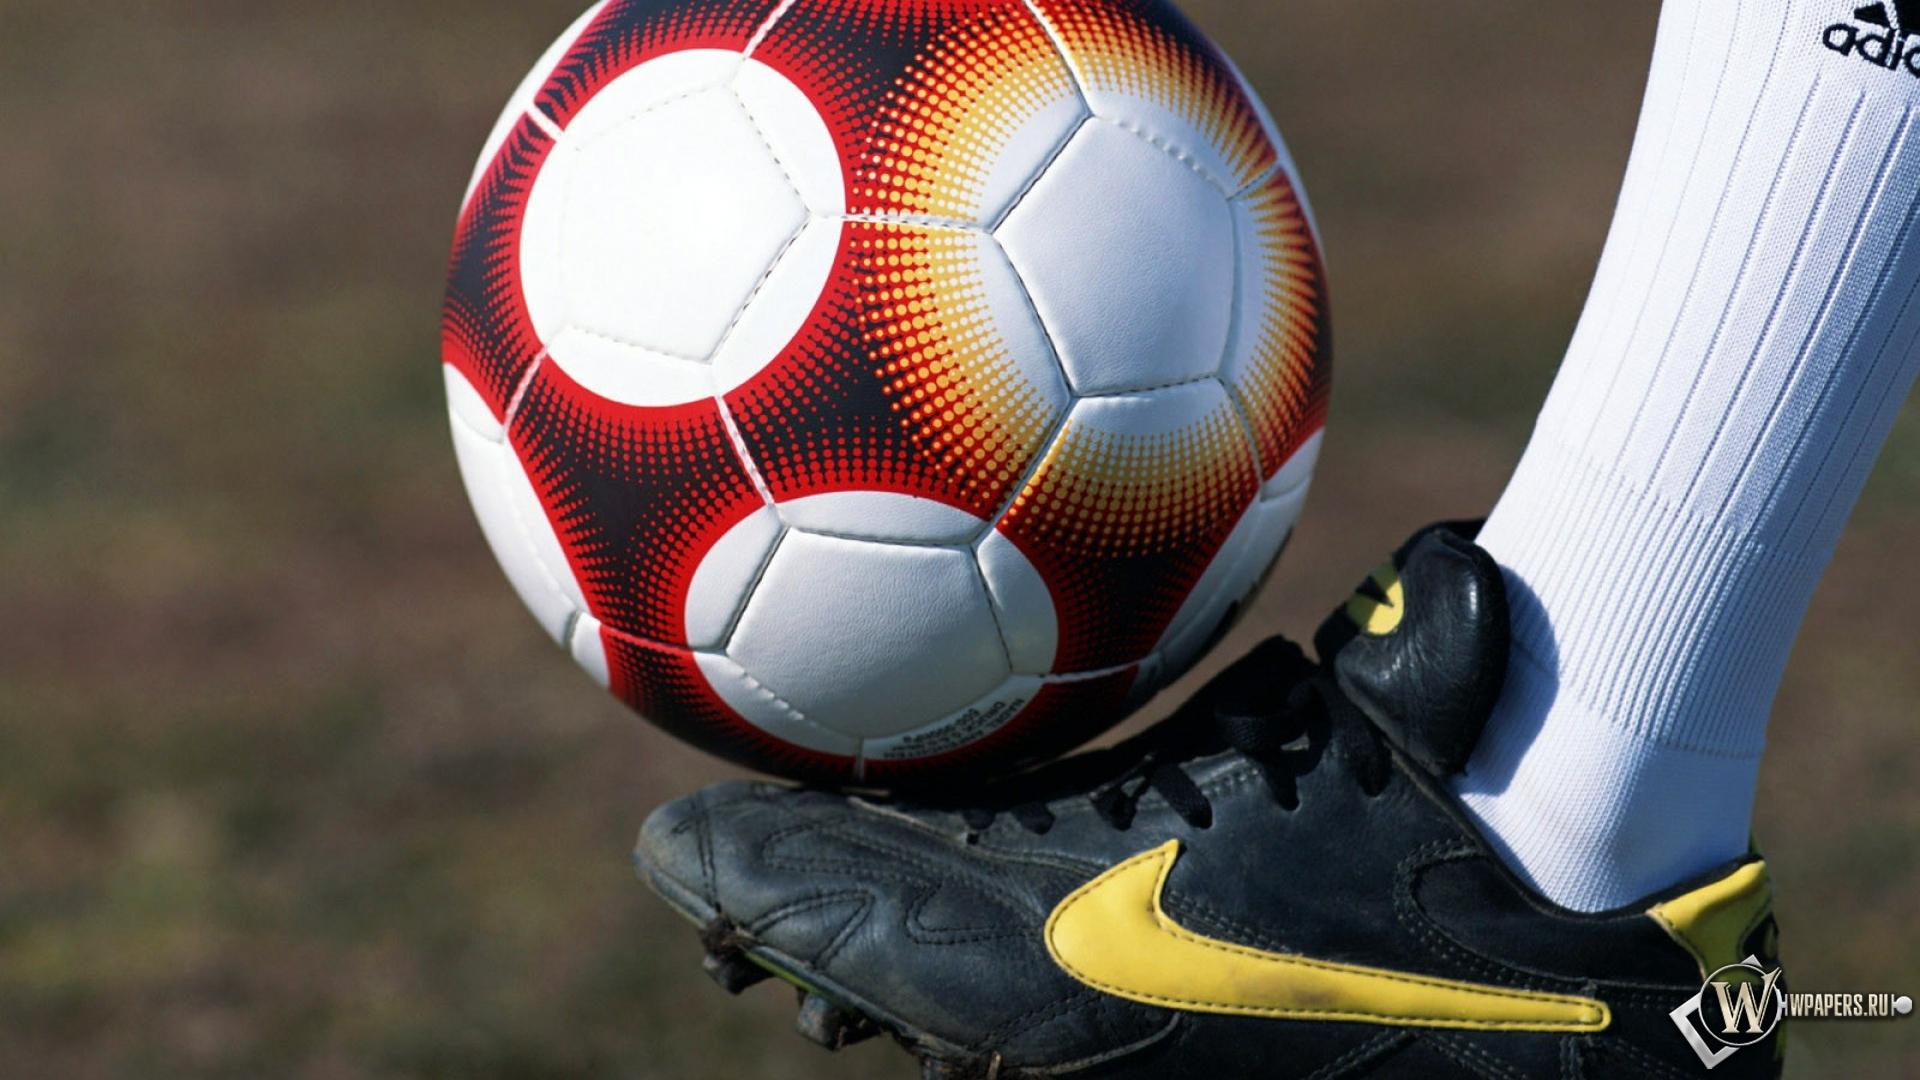 Обои футбольный мяч футбол мяч 1920x1080